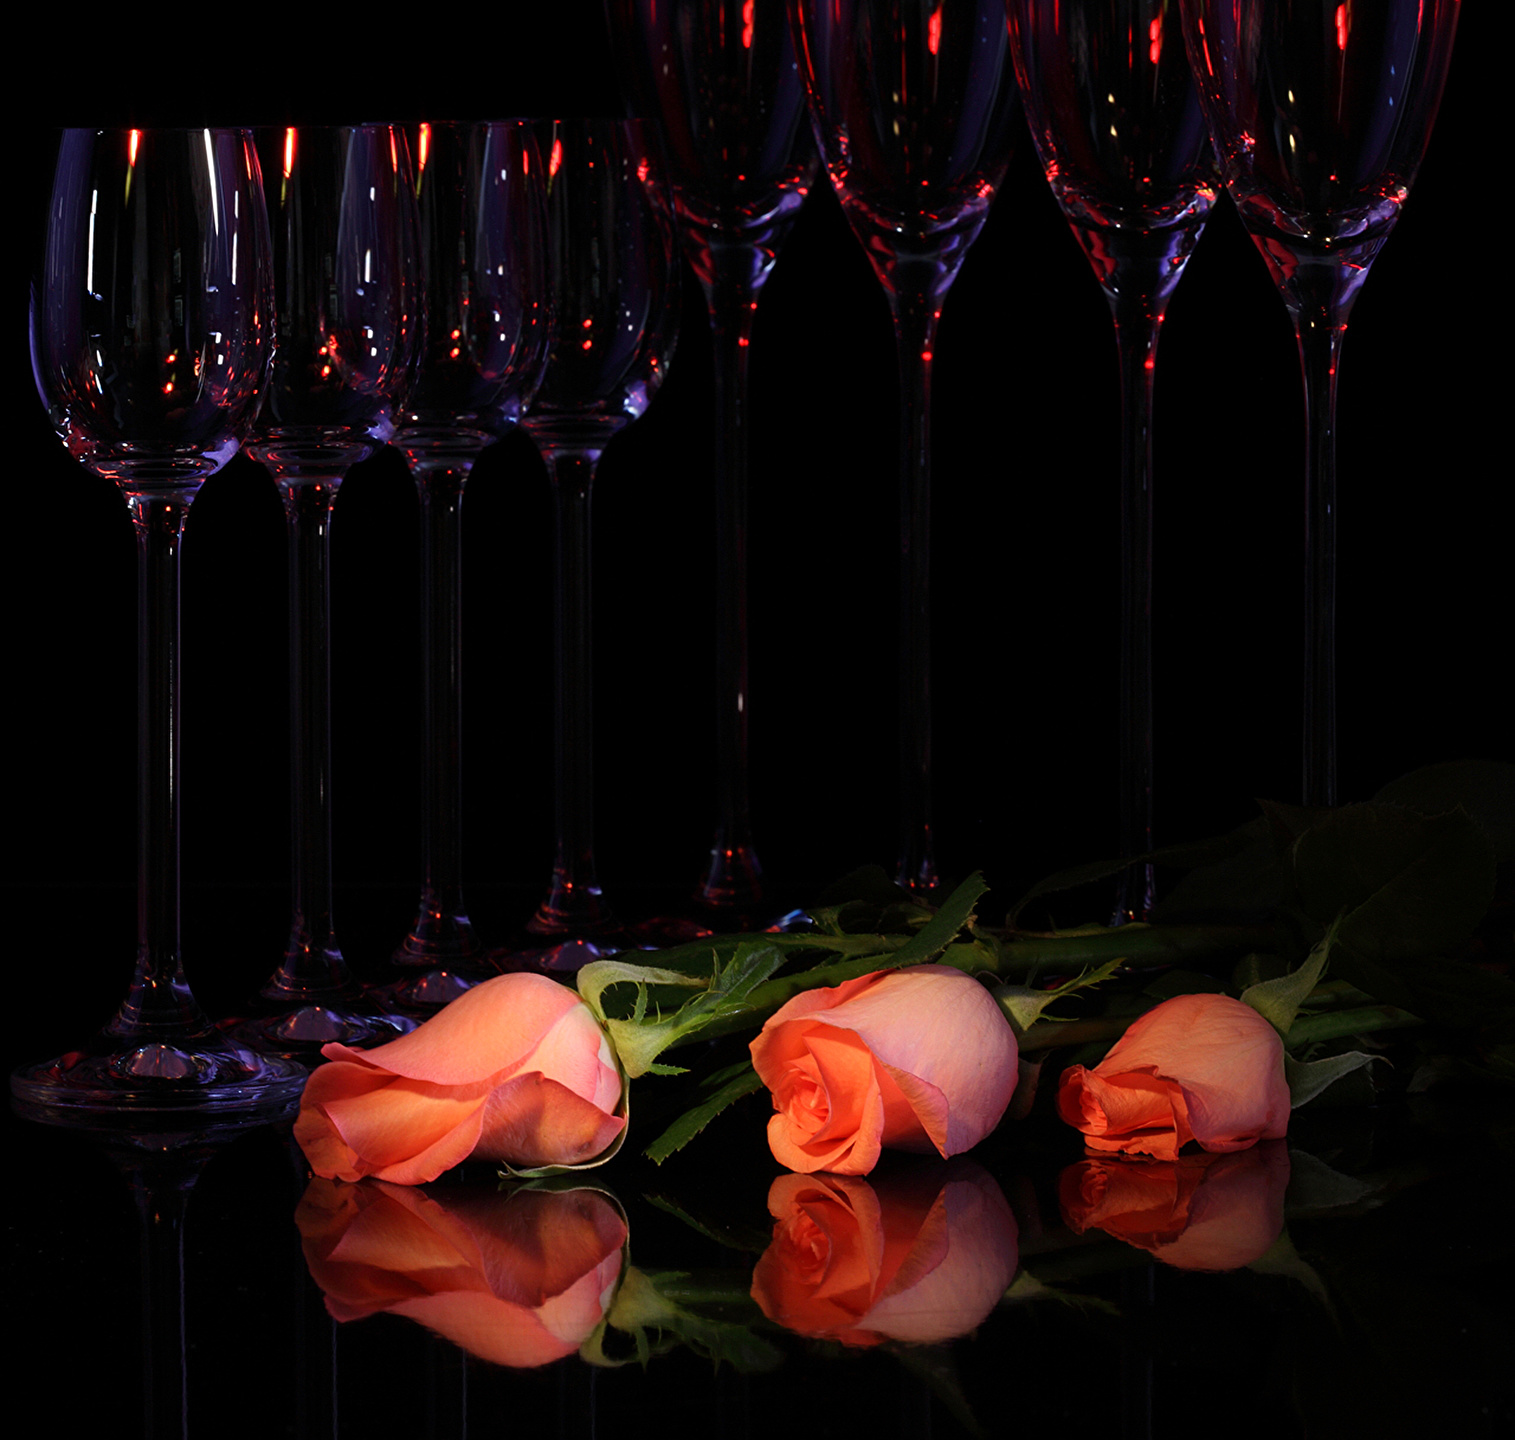 Два бокала с розами  № 750341 бесплатно